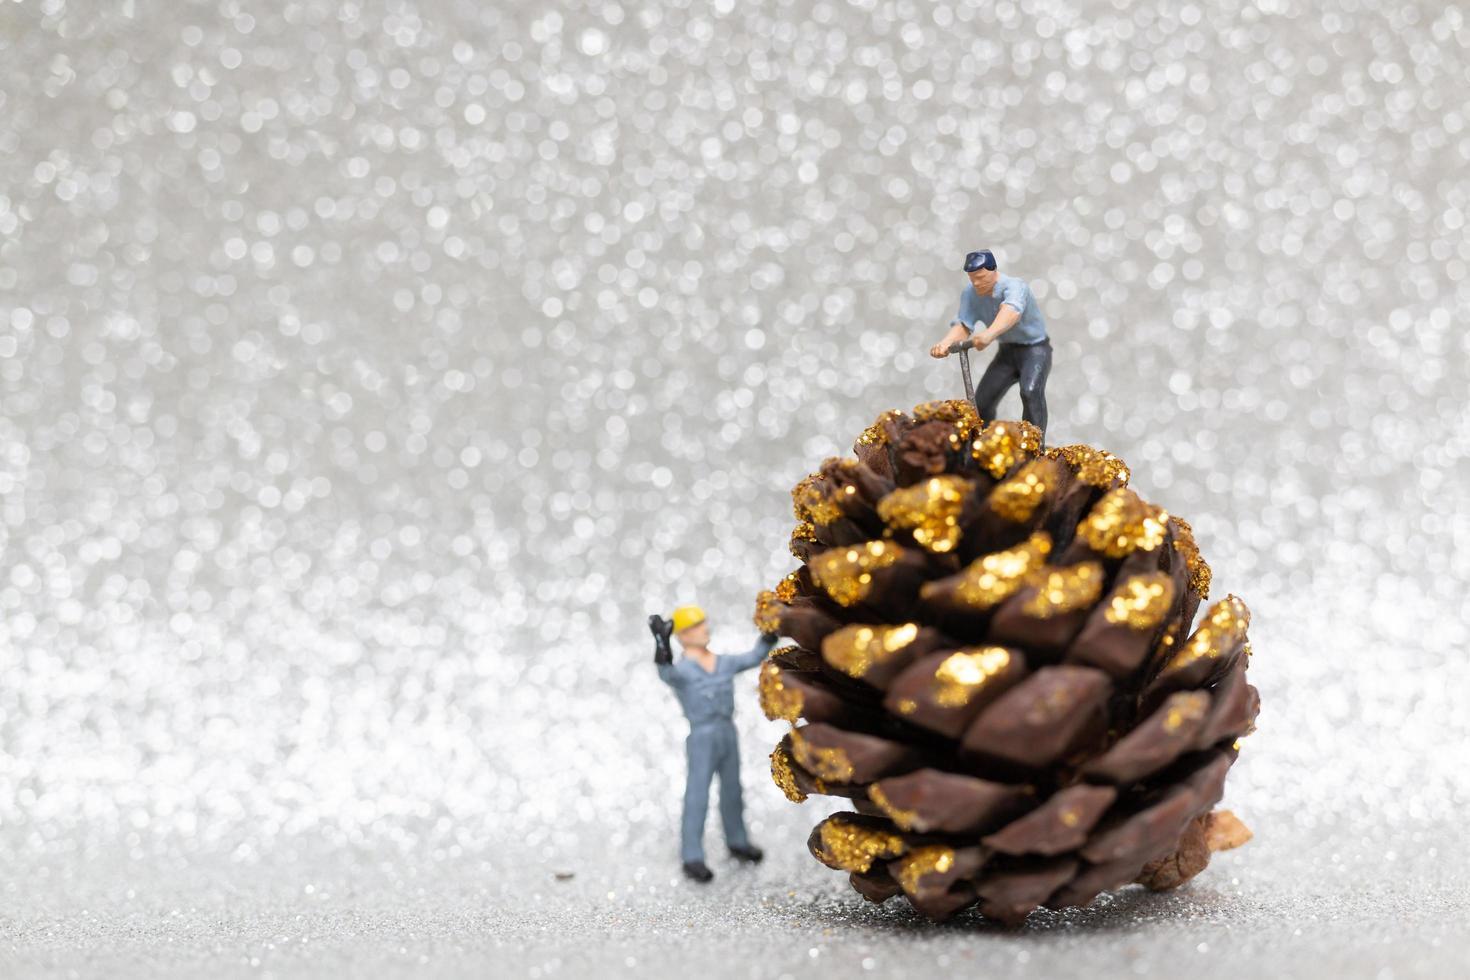 miniatyrarbetare förbereder en julkotte, jul och koncept för gott nytt år foto